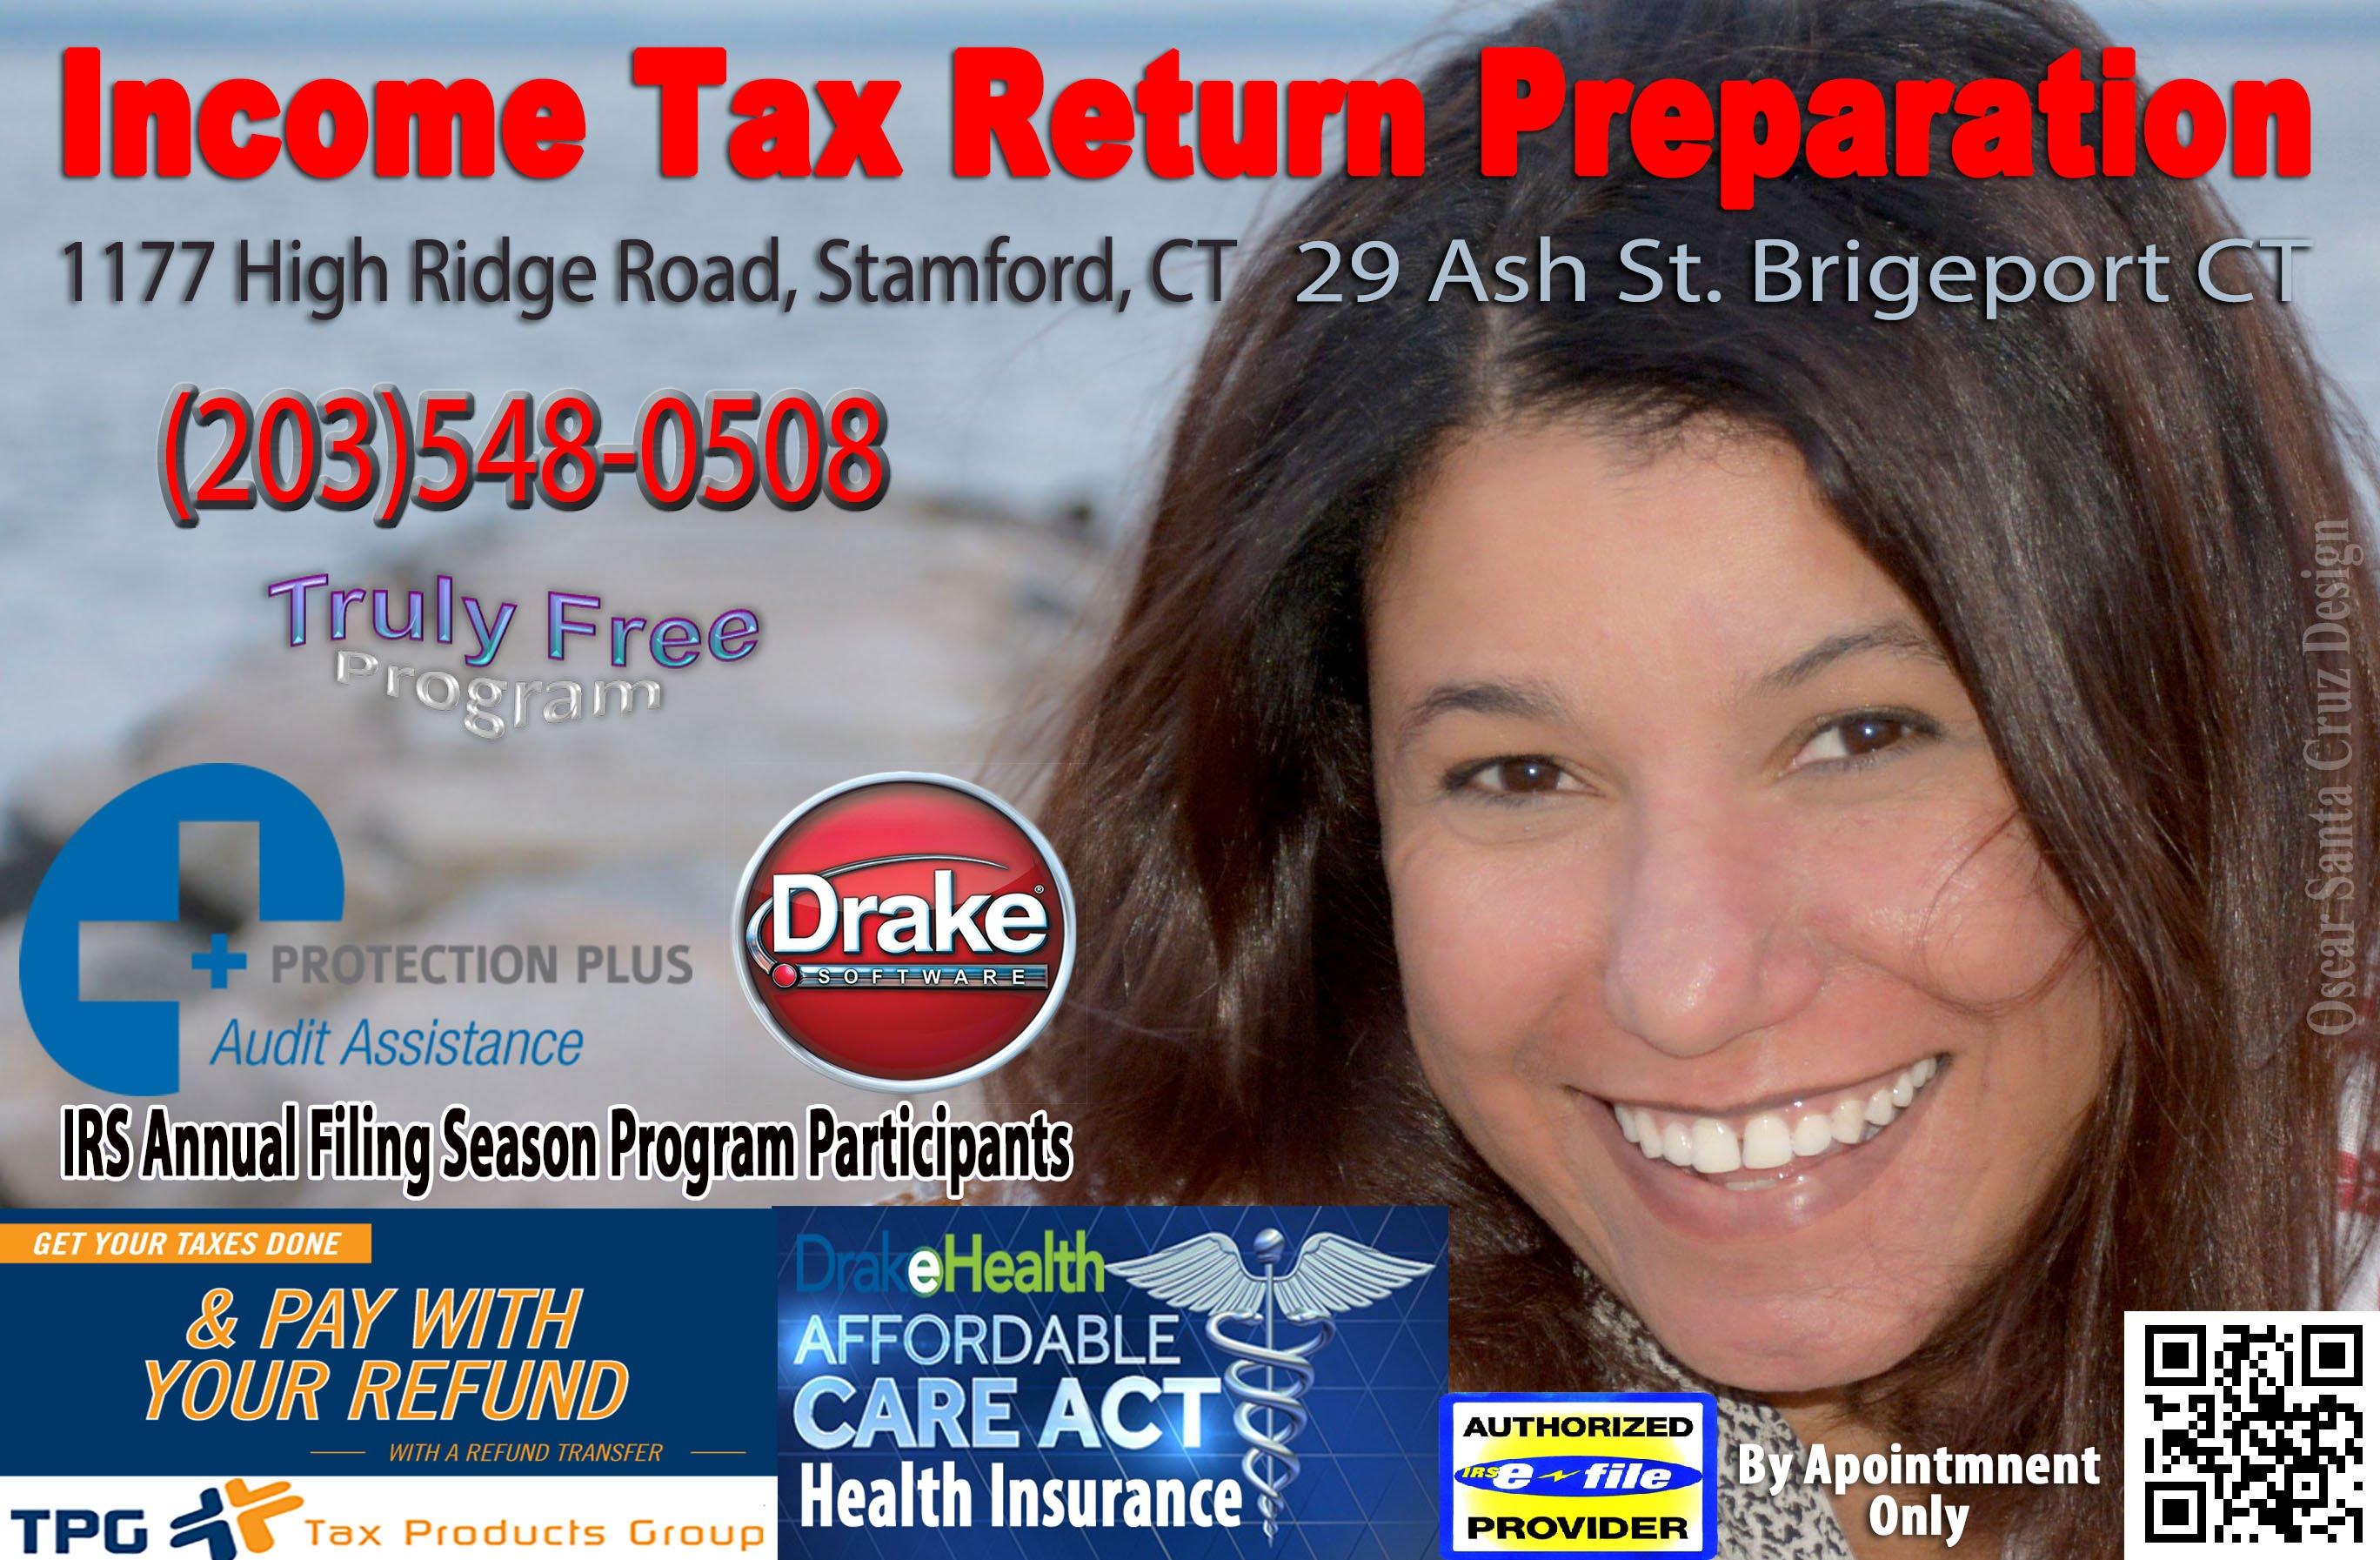 INCOME TAX PREPARATION SERVICES